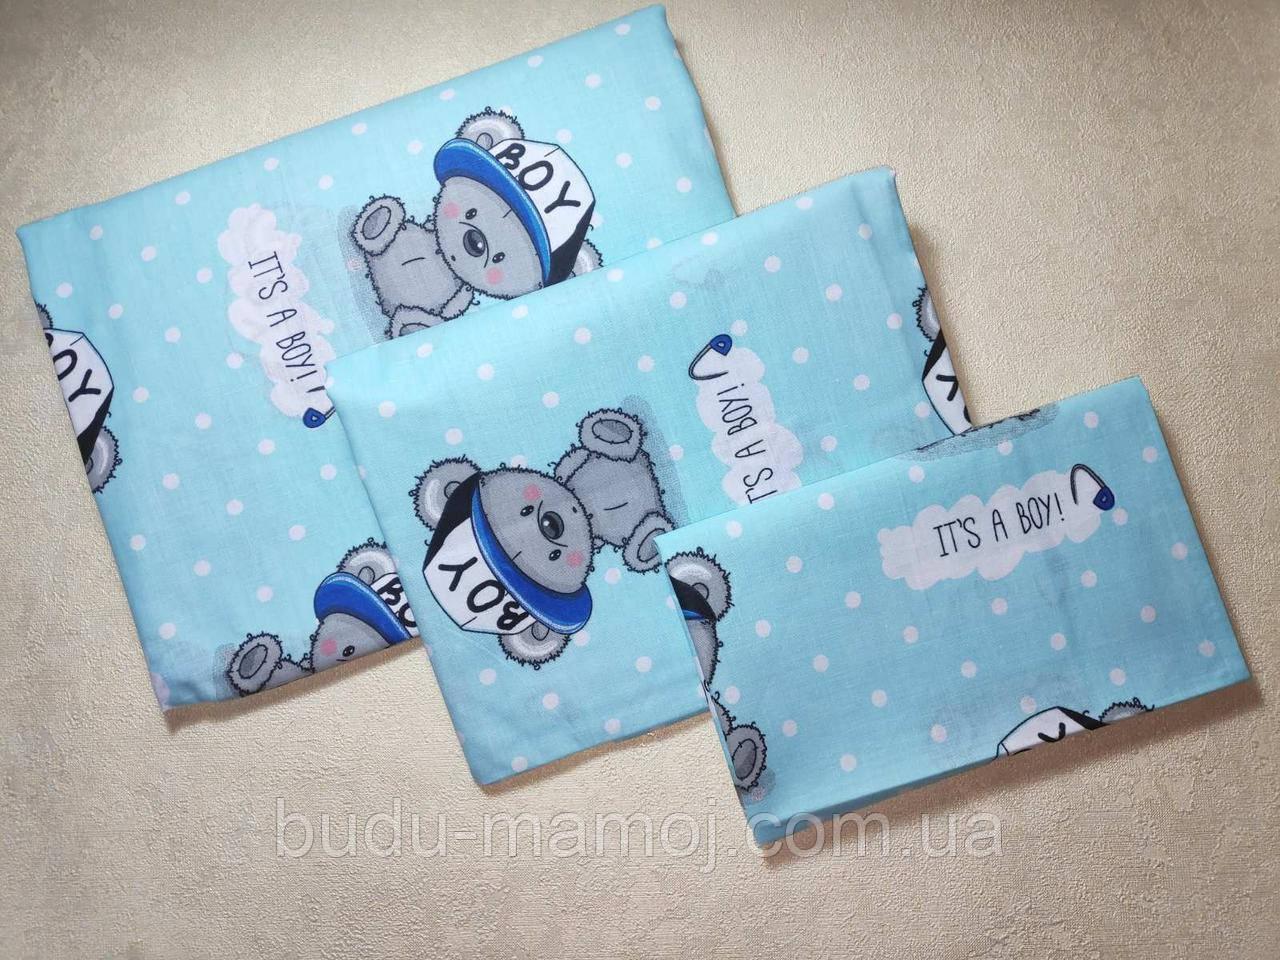 Постельное белье хорошего качества в кроватку Мишки Тедди 3в1 простынь без резинки